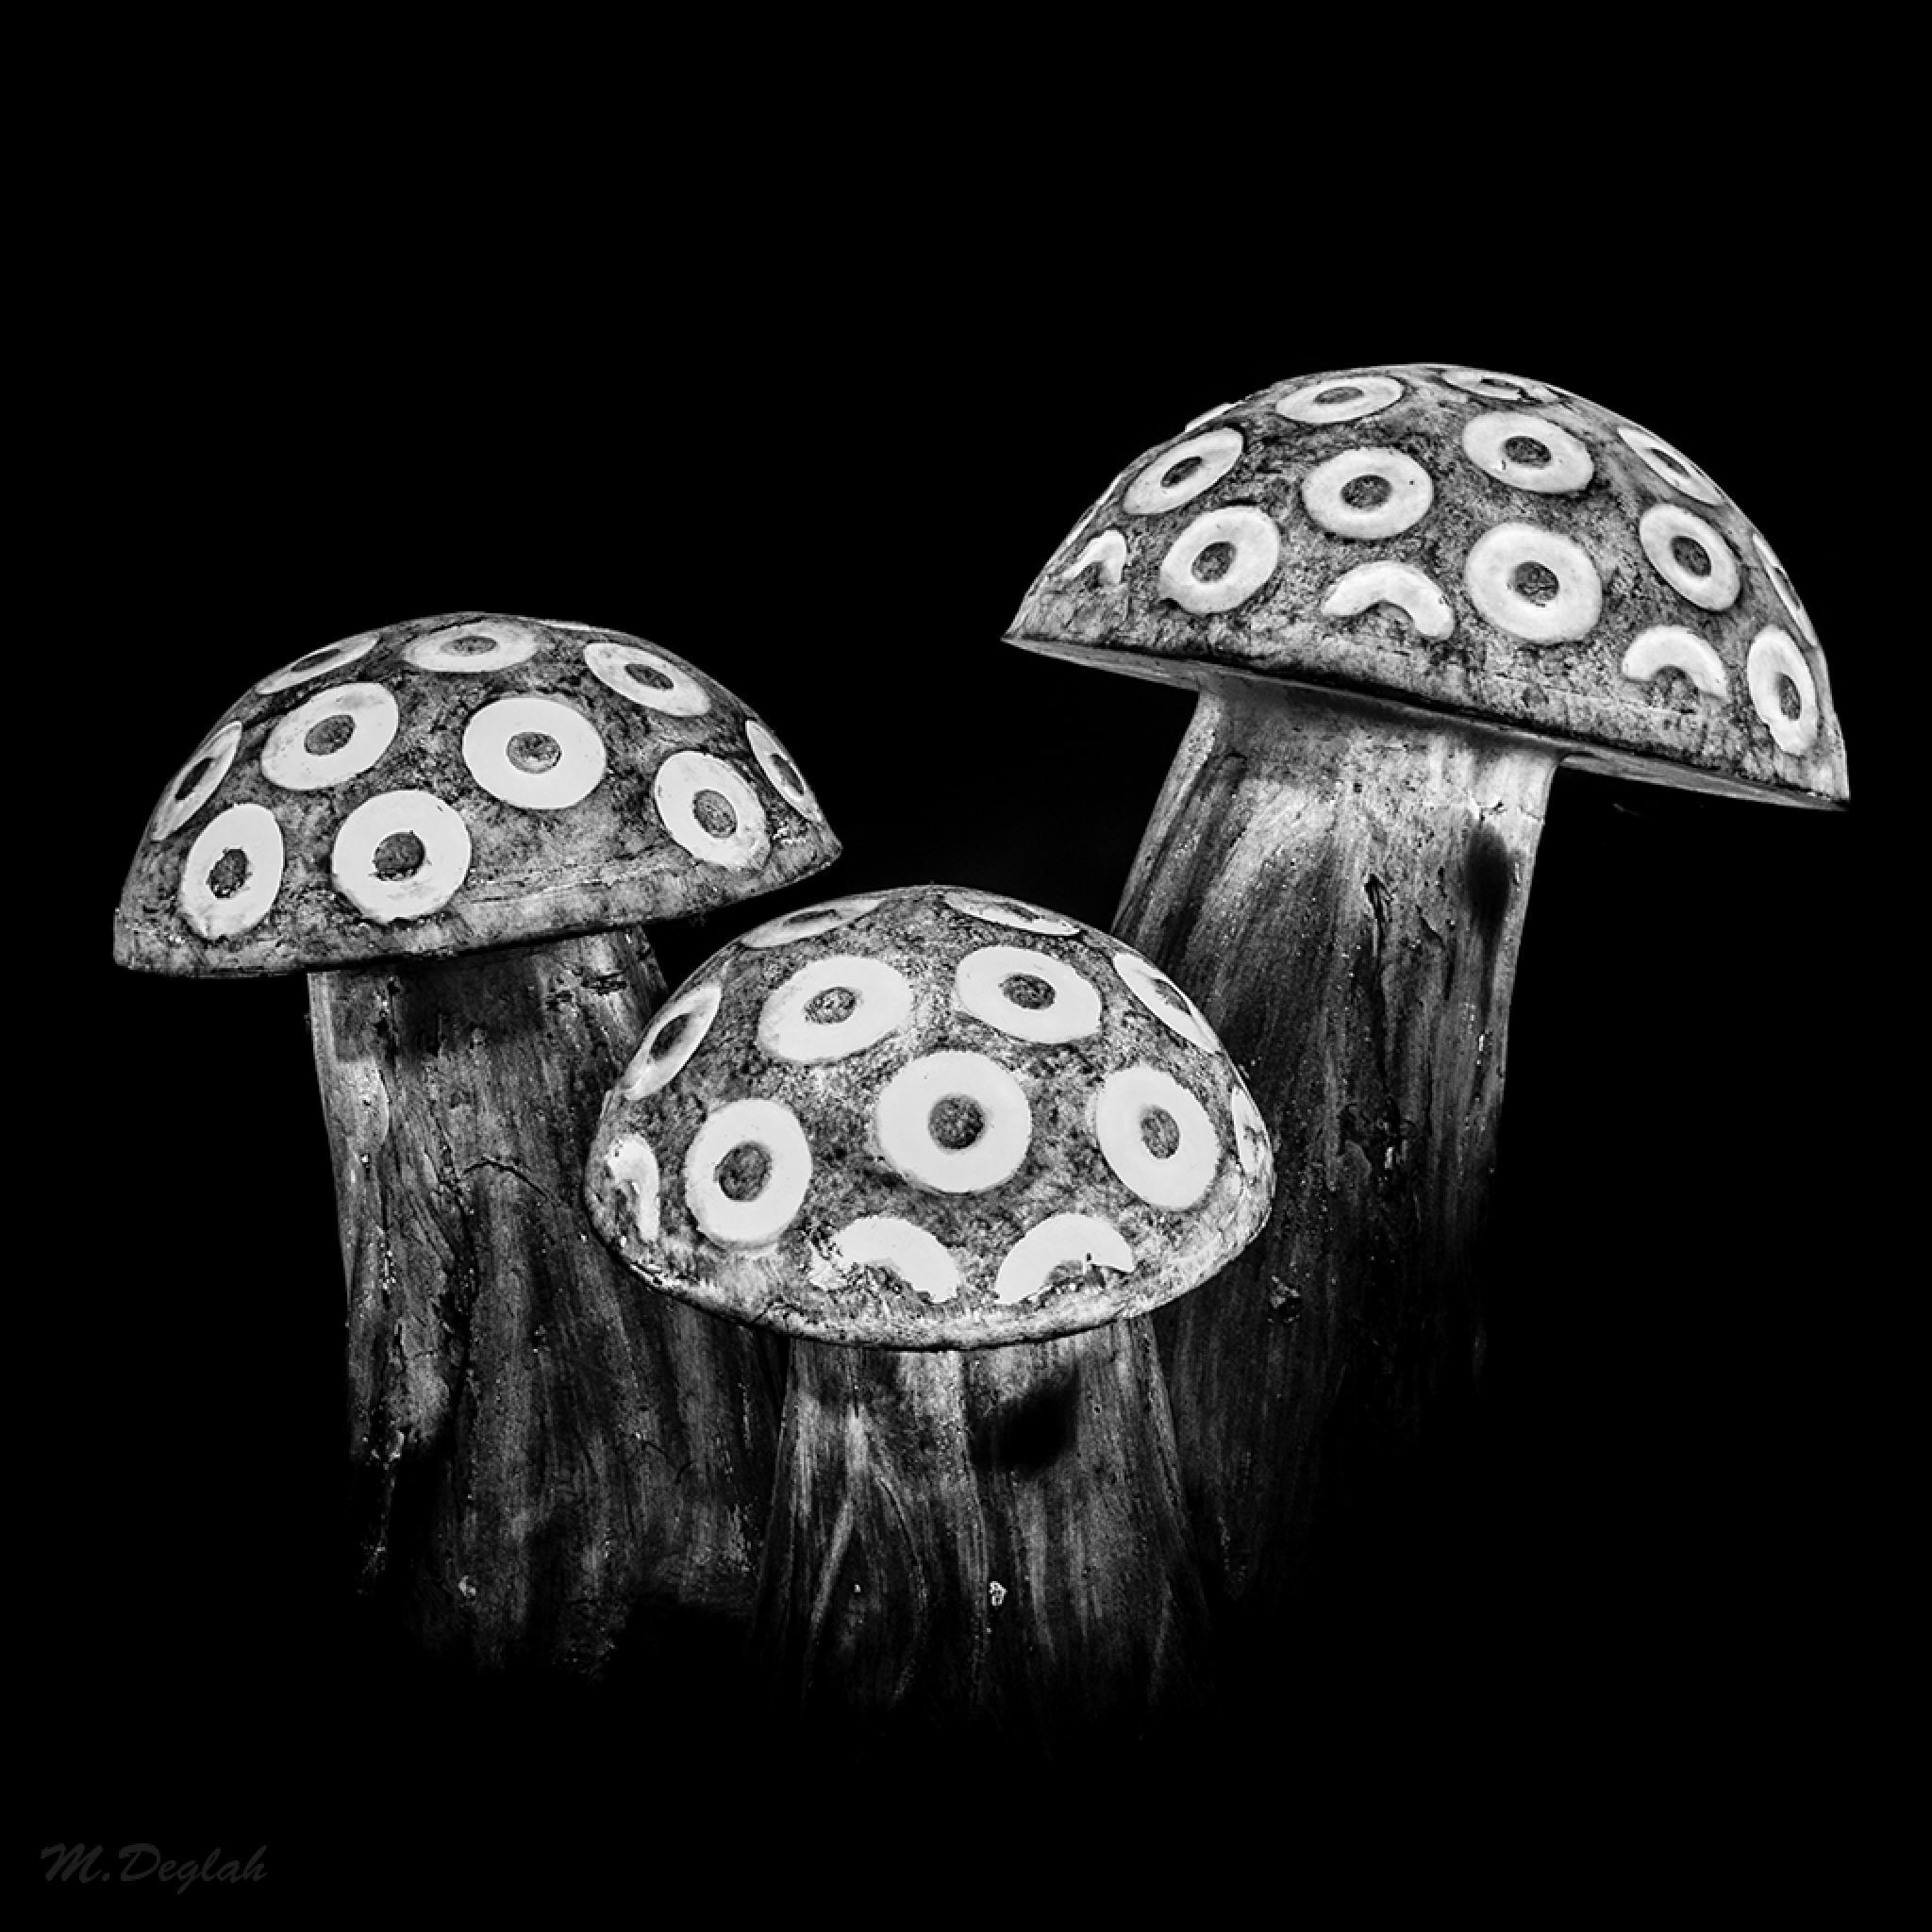 Mushroom by Mohammad Al Deglah